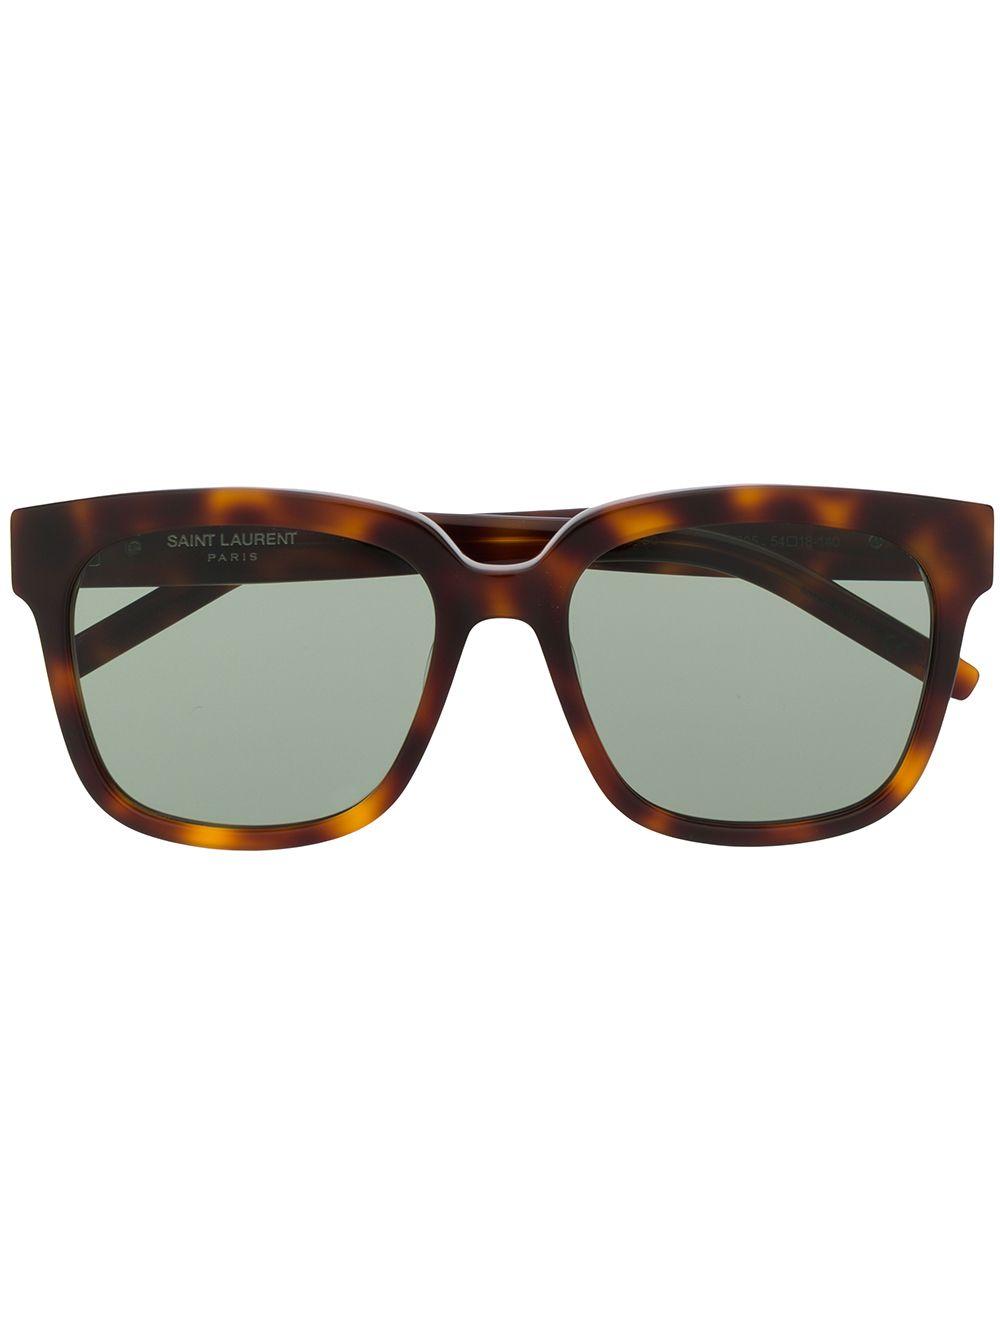 Saint Laurent Eyewear 'SLM40' Sonnenbrille - Braun